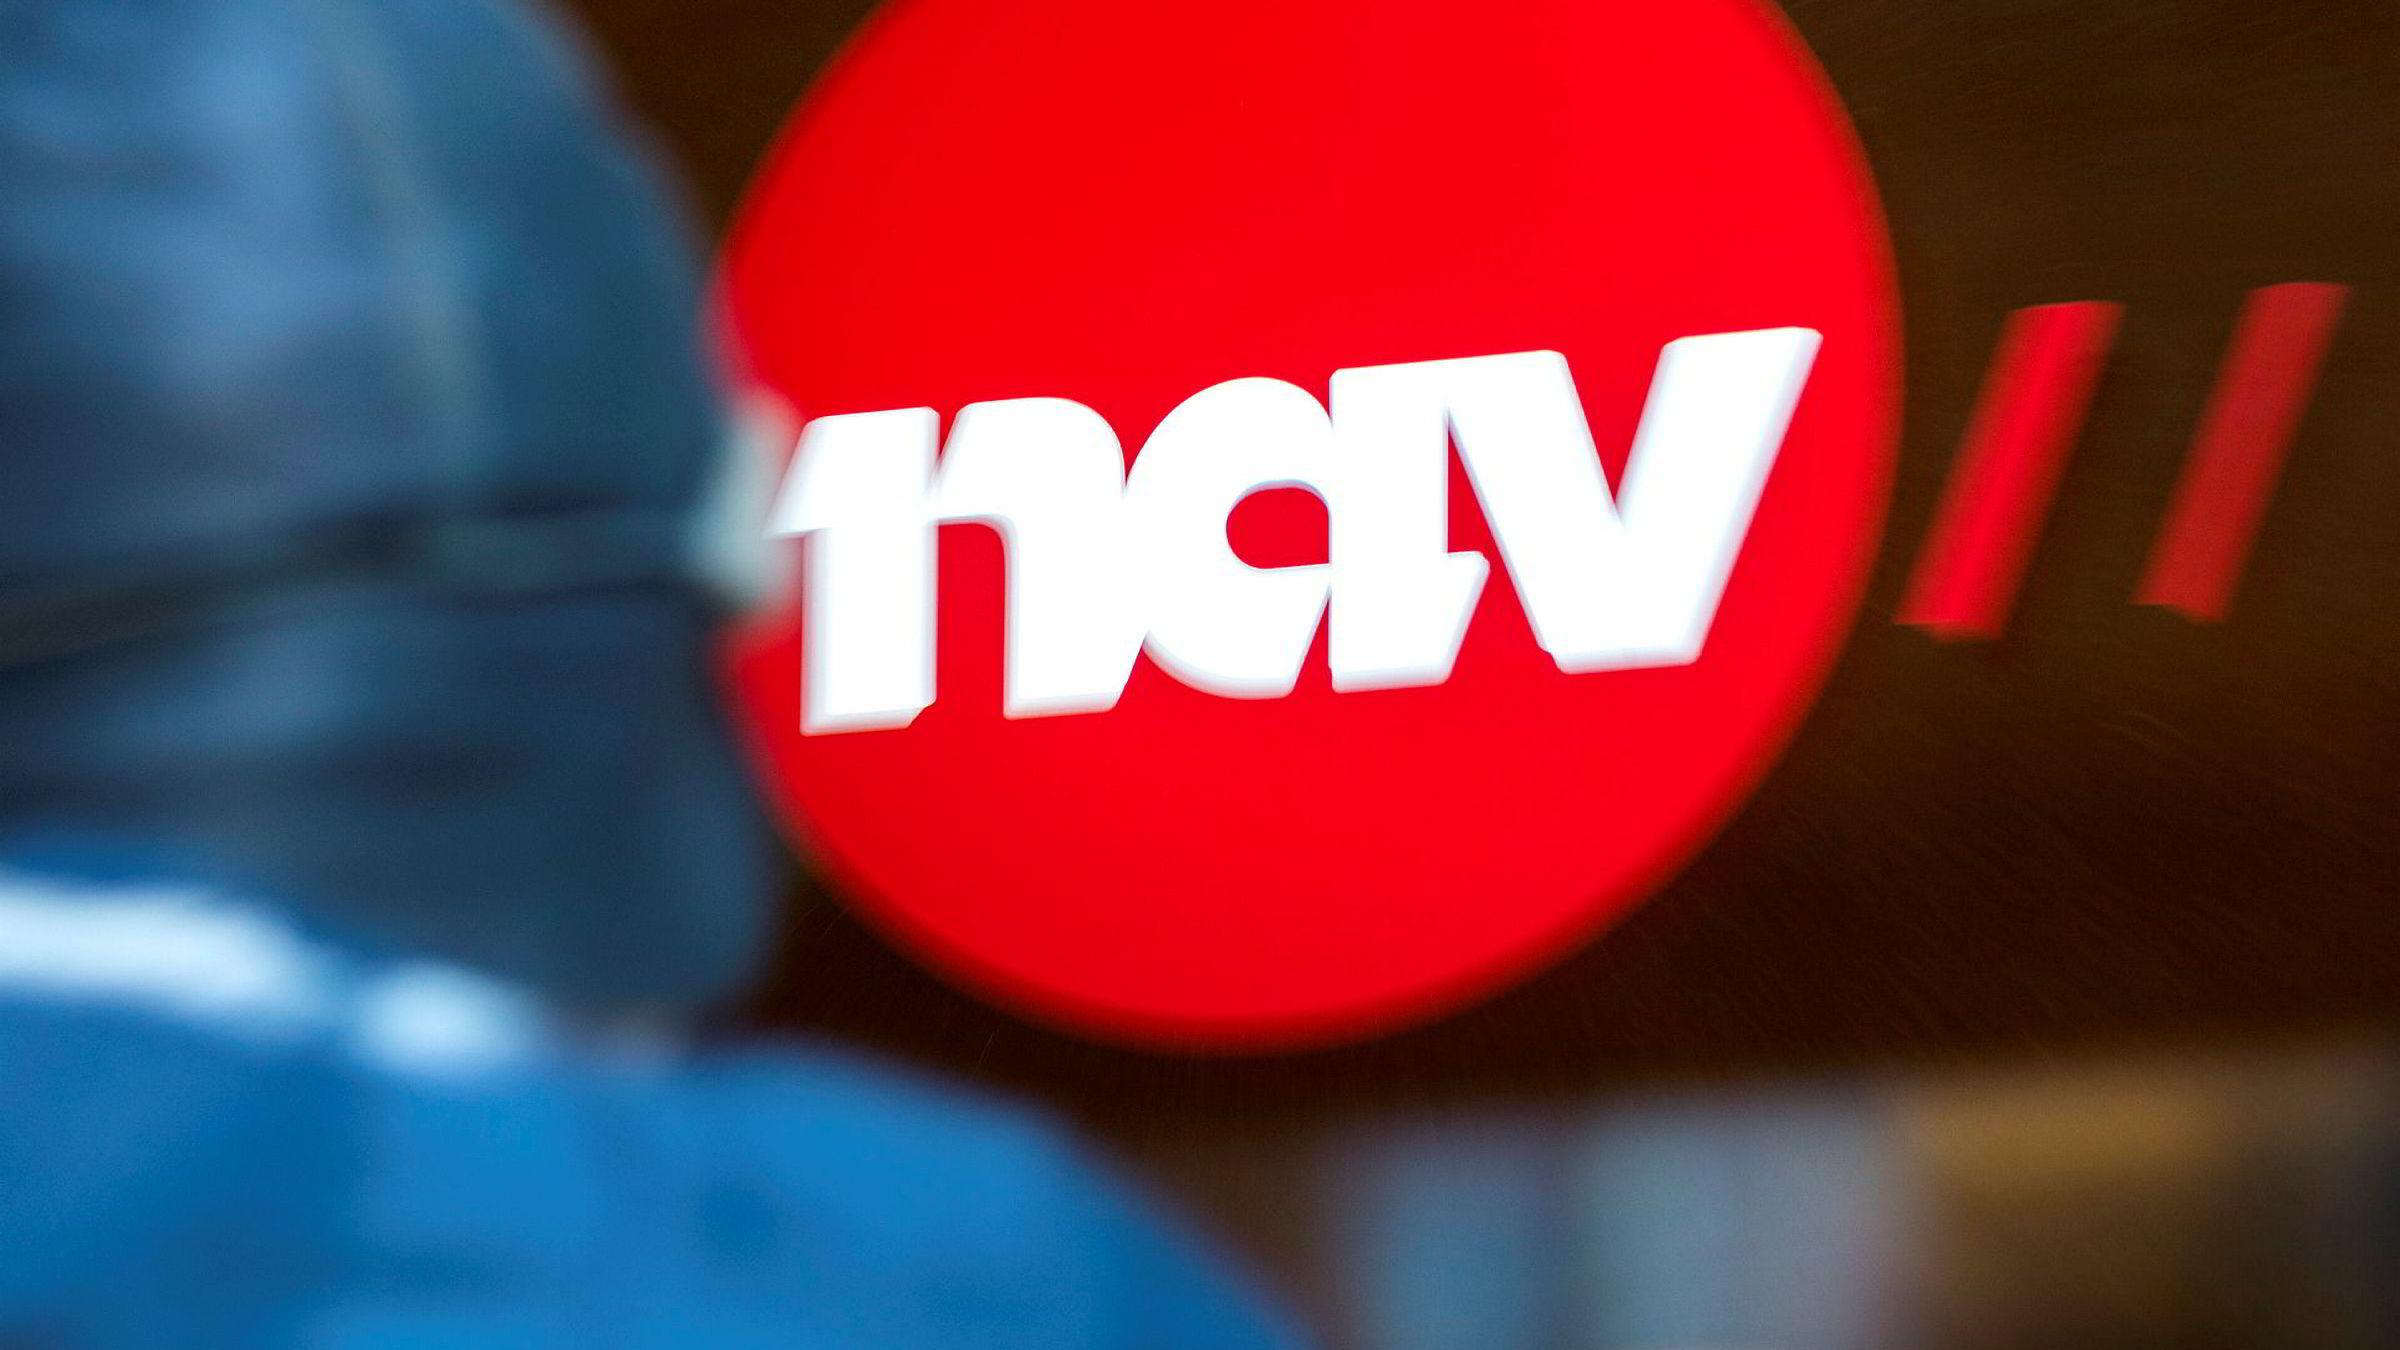 Norske tingretter begynner å få oversikt over sakene i Nav-komplekset. Foto: Gorm Kallestad / NTB scanpix.